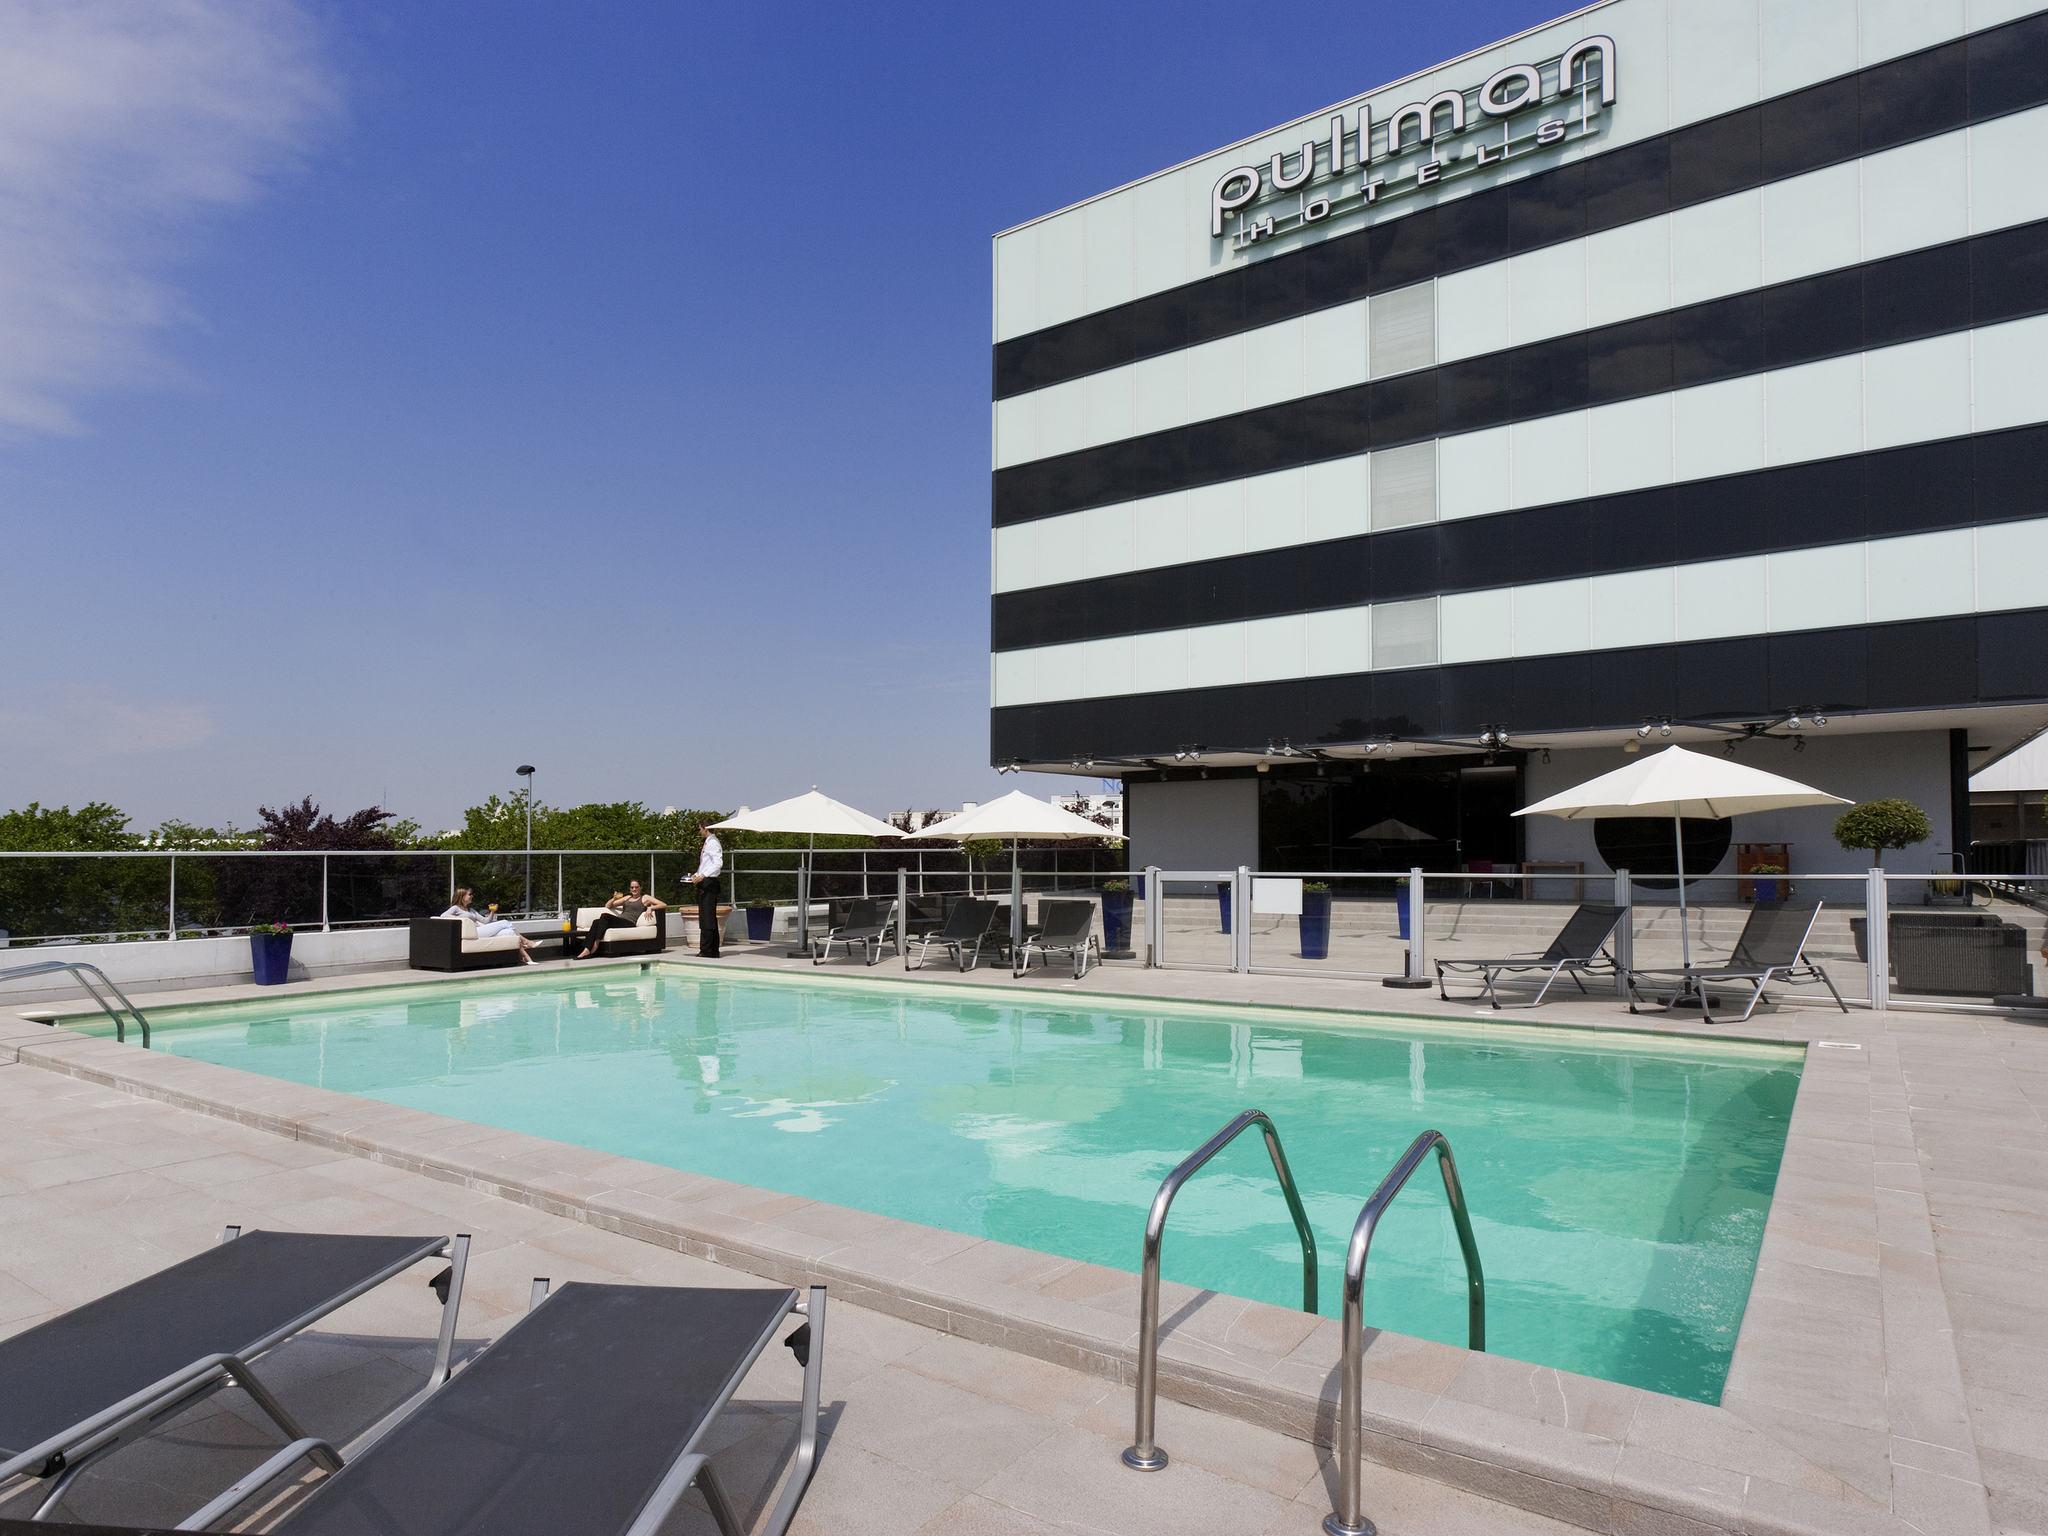 酒店 – 波尔多阿基塔尼亚铂尔曼酒店